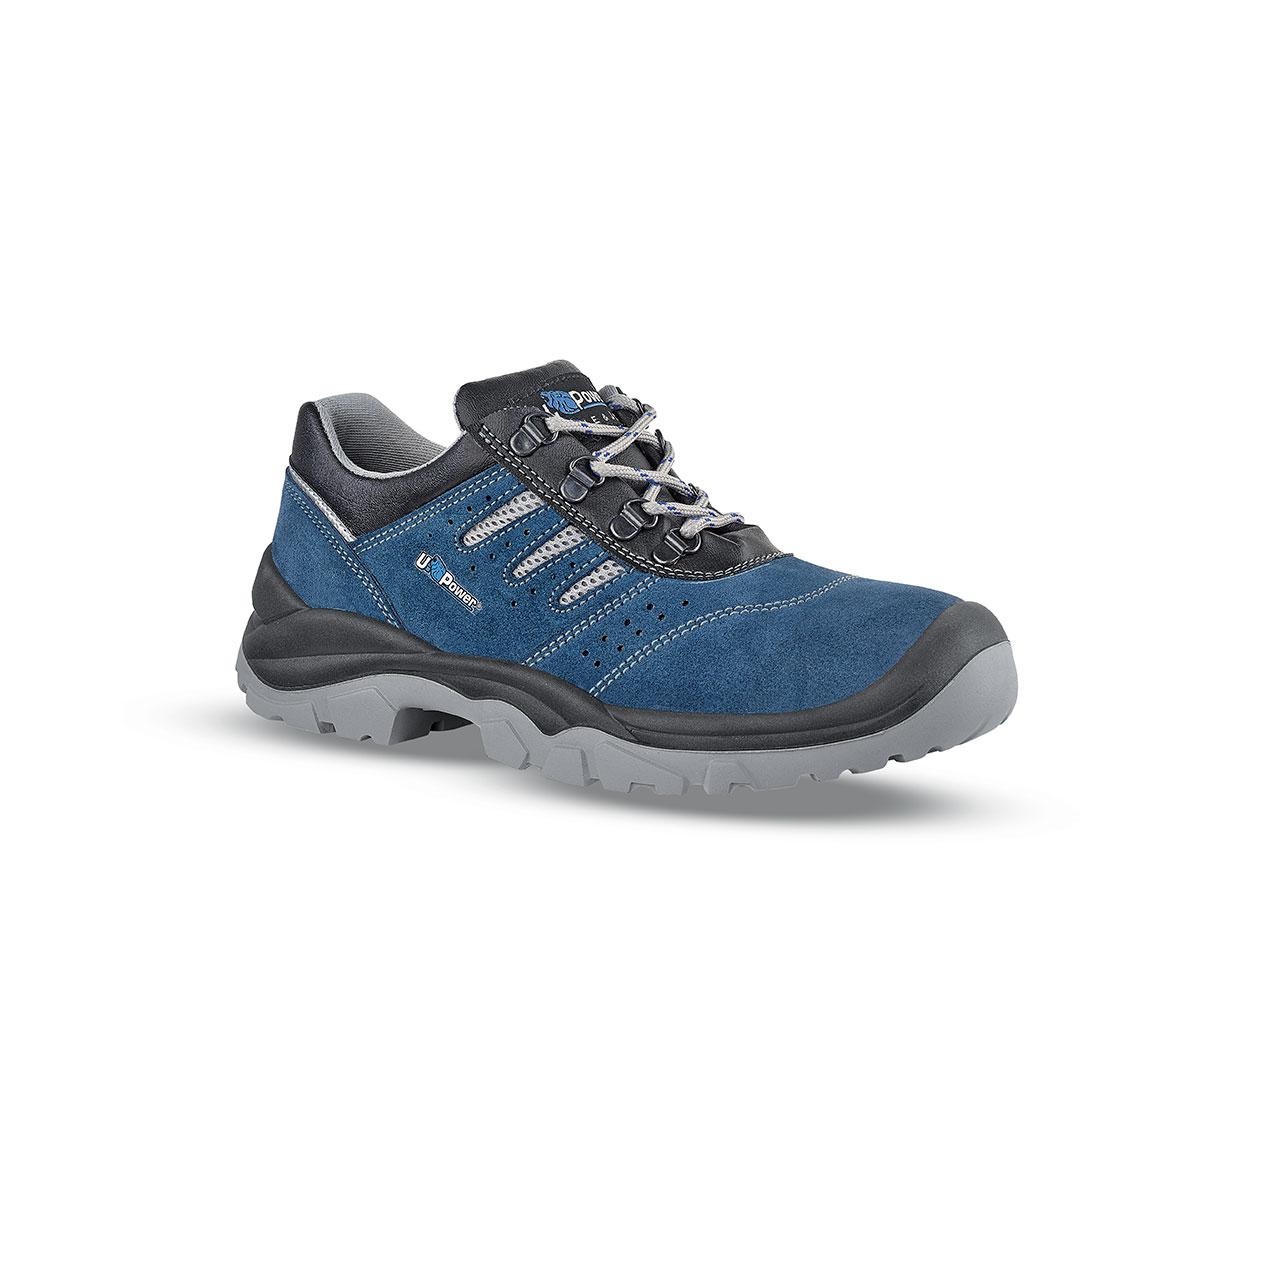 scarpa antinfortunistica upower modello better linea STYLE_JOB vista laterale